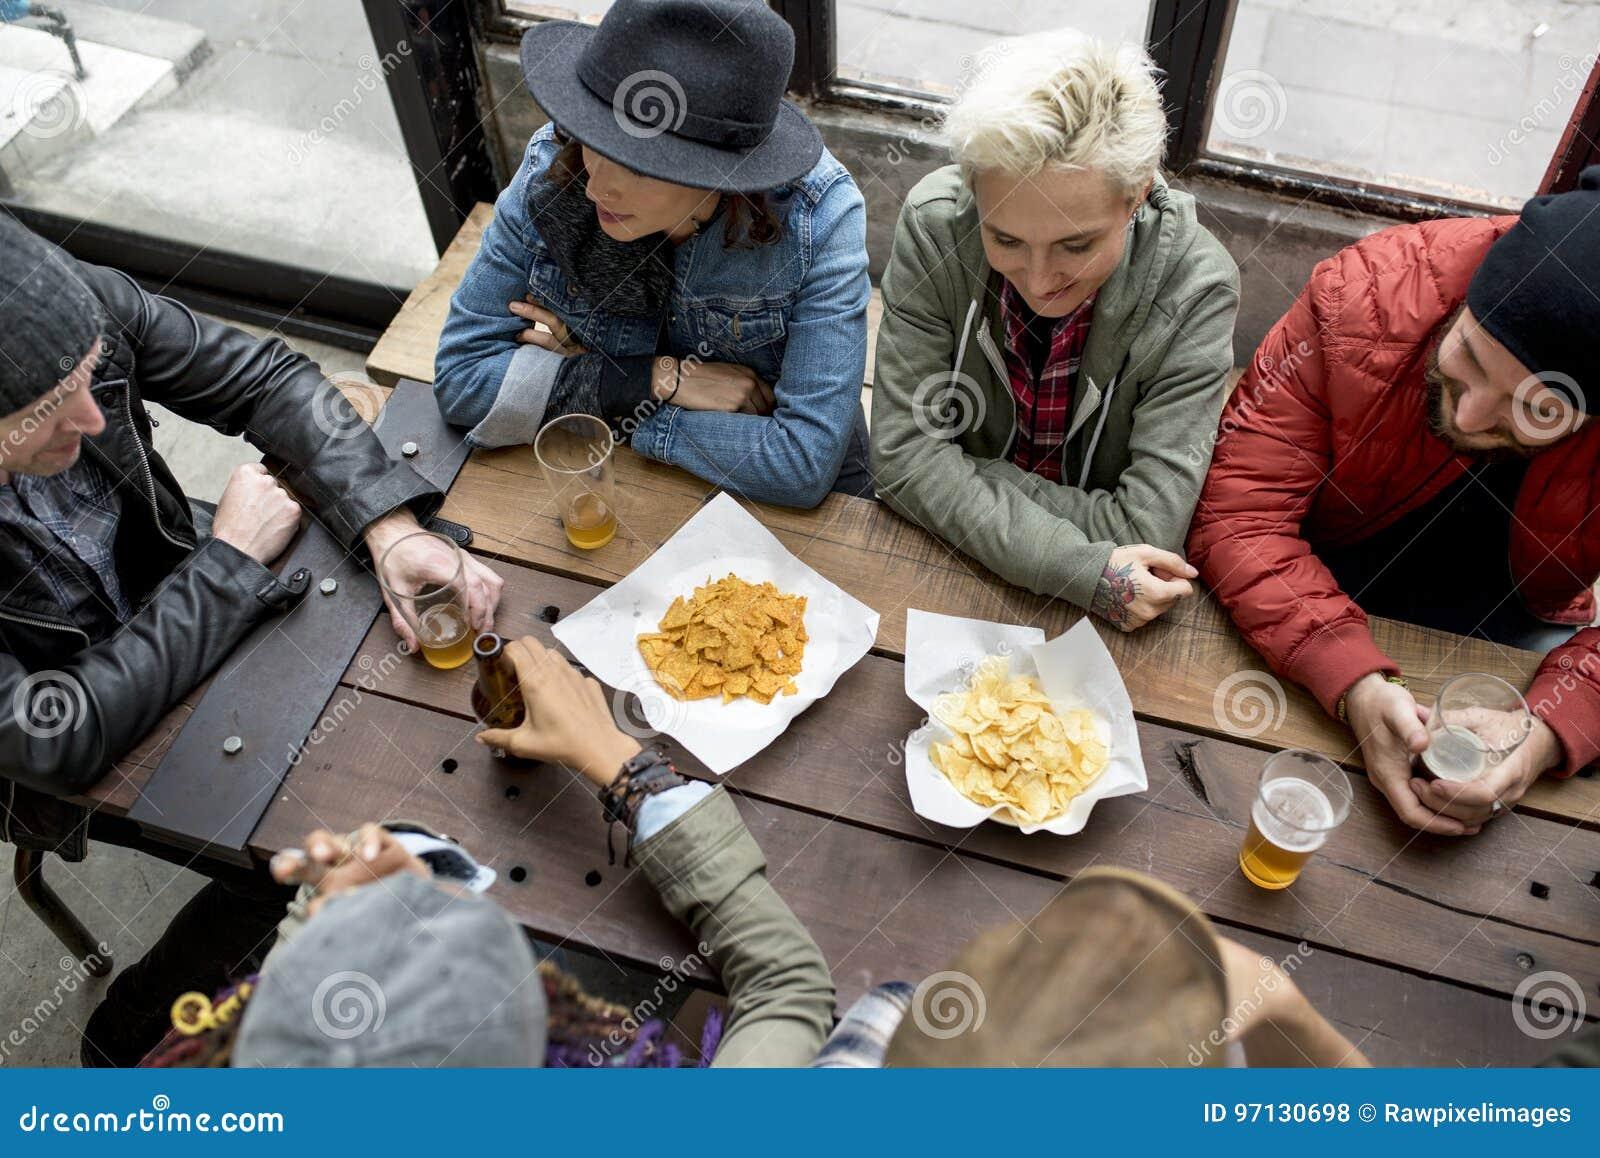 Diverse Mensen Hang Out Pub Friendship